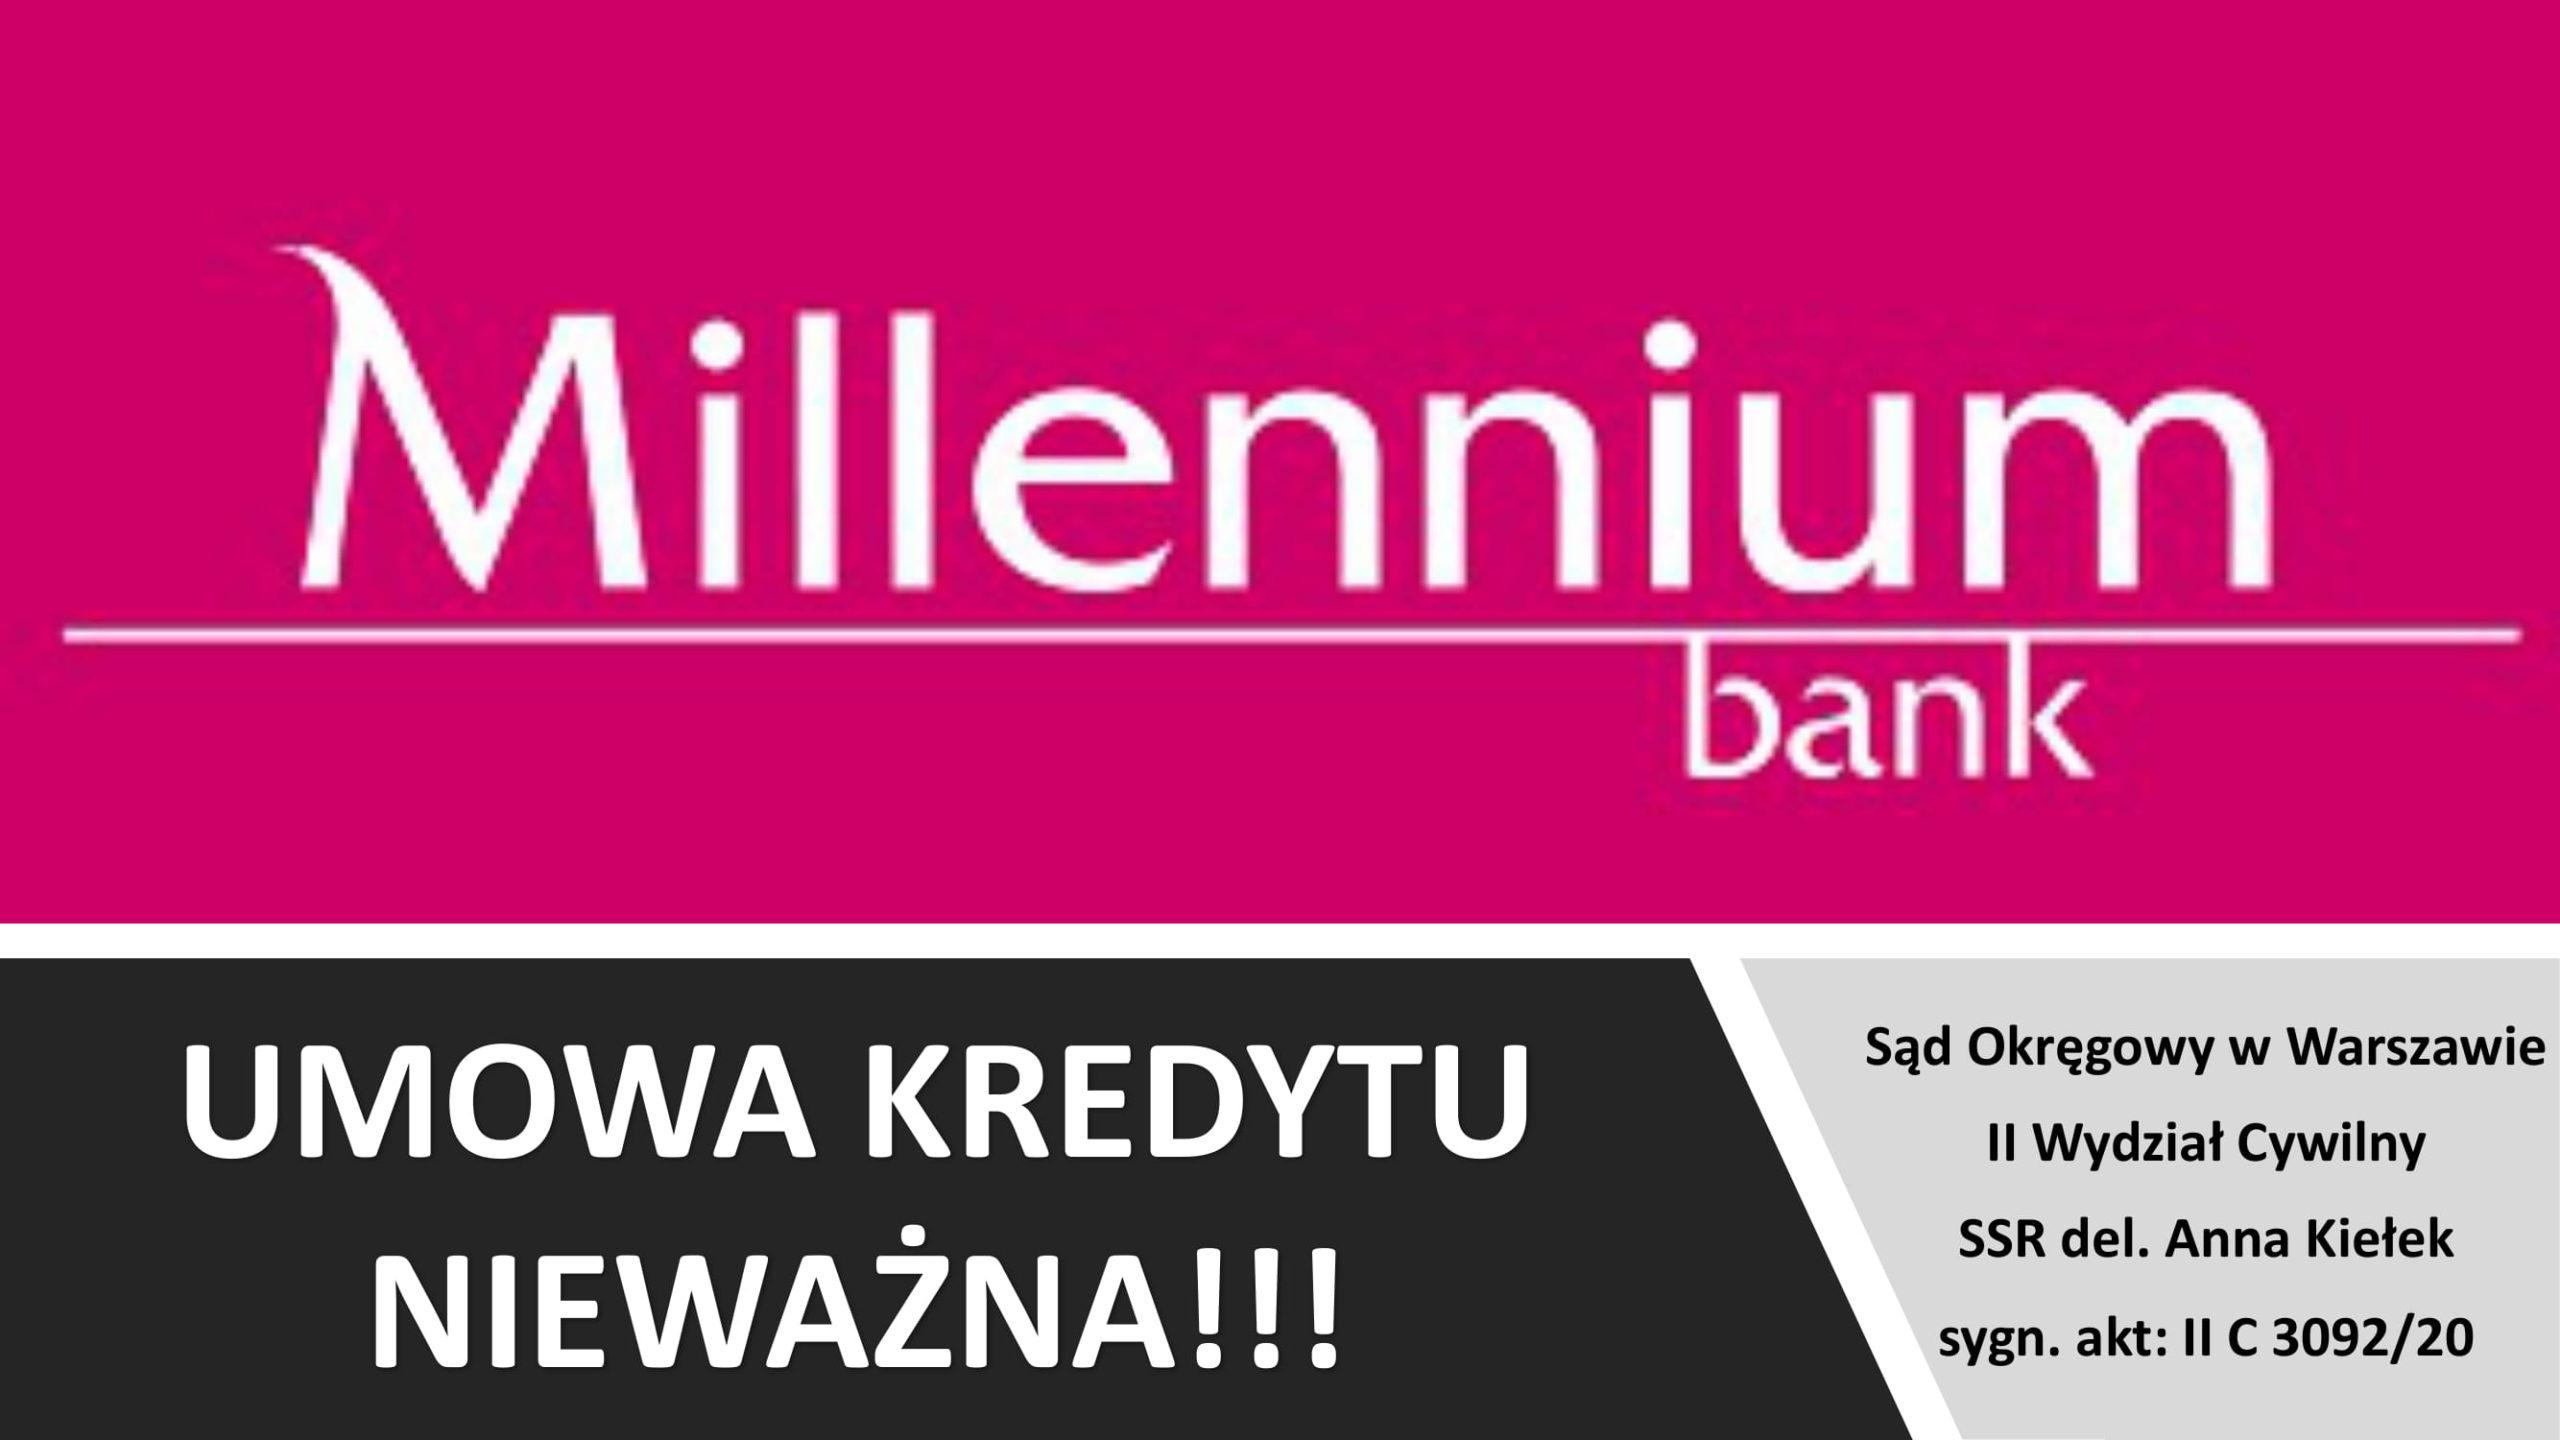 KOLEJNA NIEWAŻNOŚĆ UMOWY KREDYTU BANKU MILLENNIUM S.A.!!!